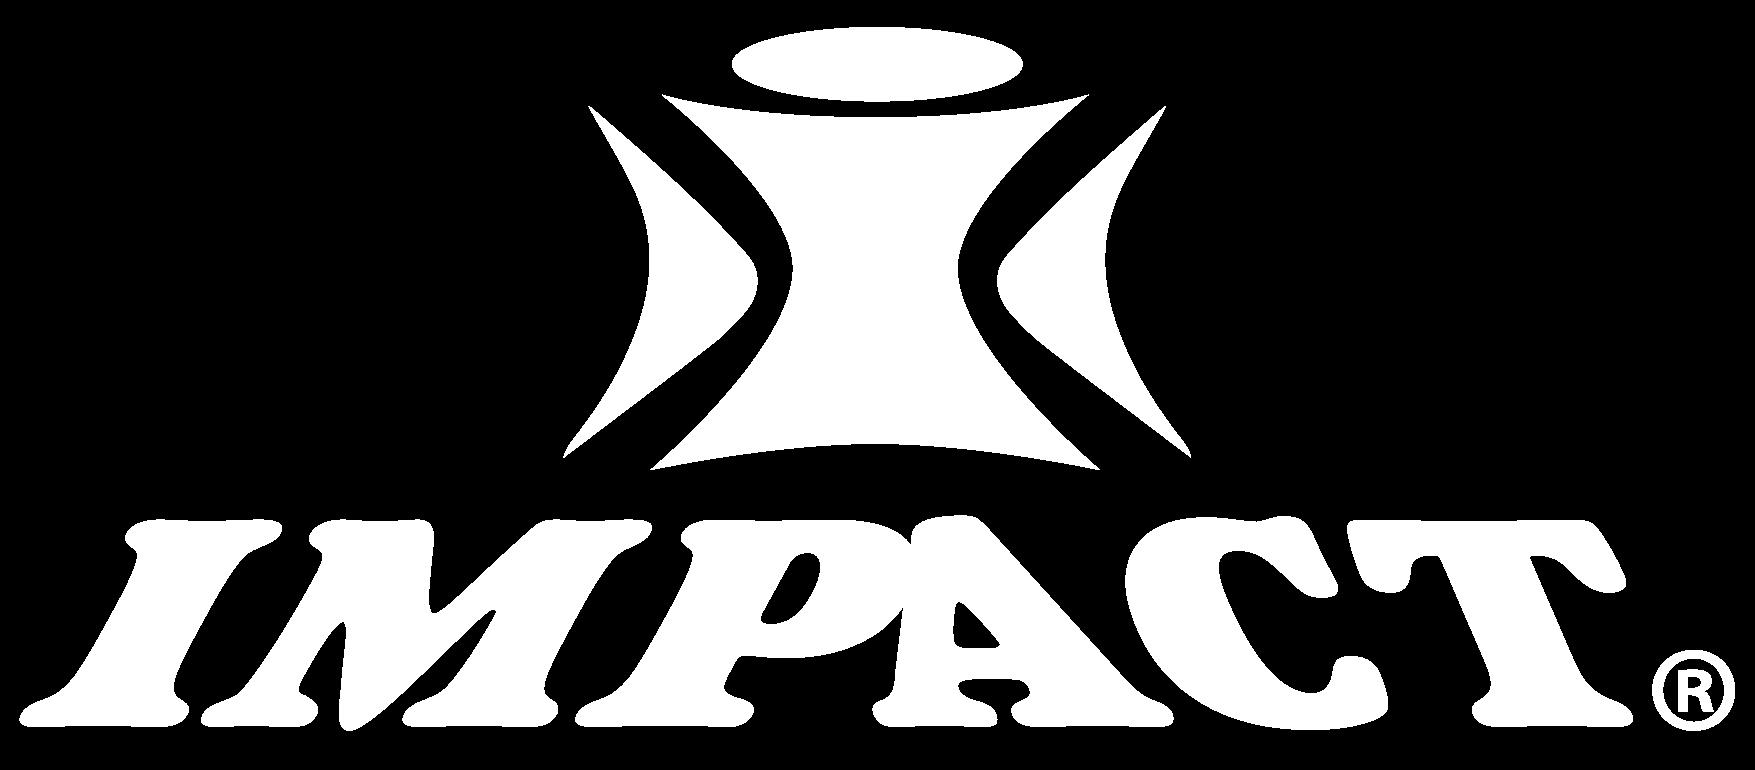 Ipact logo white icon